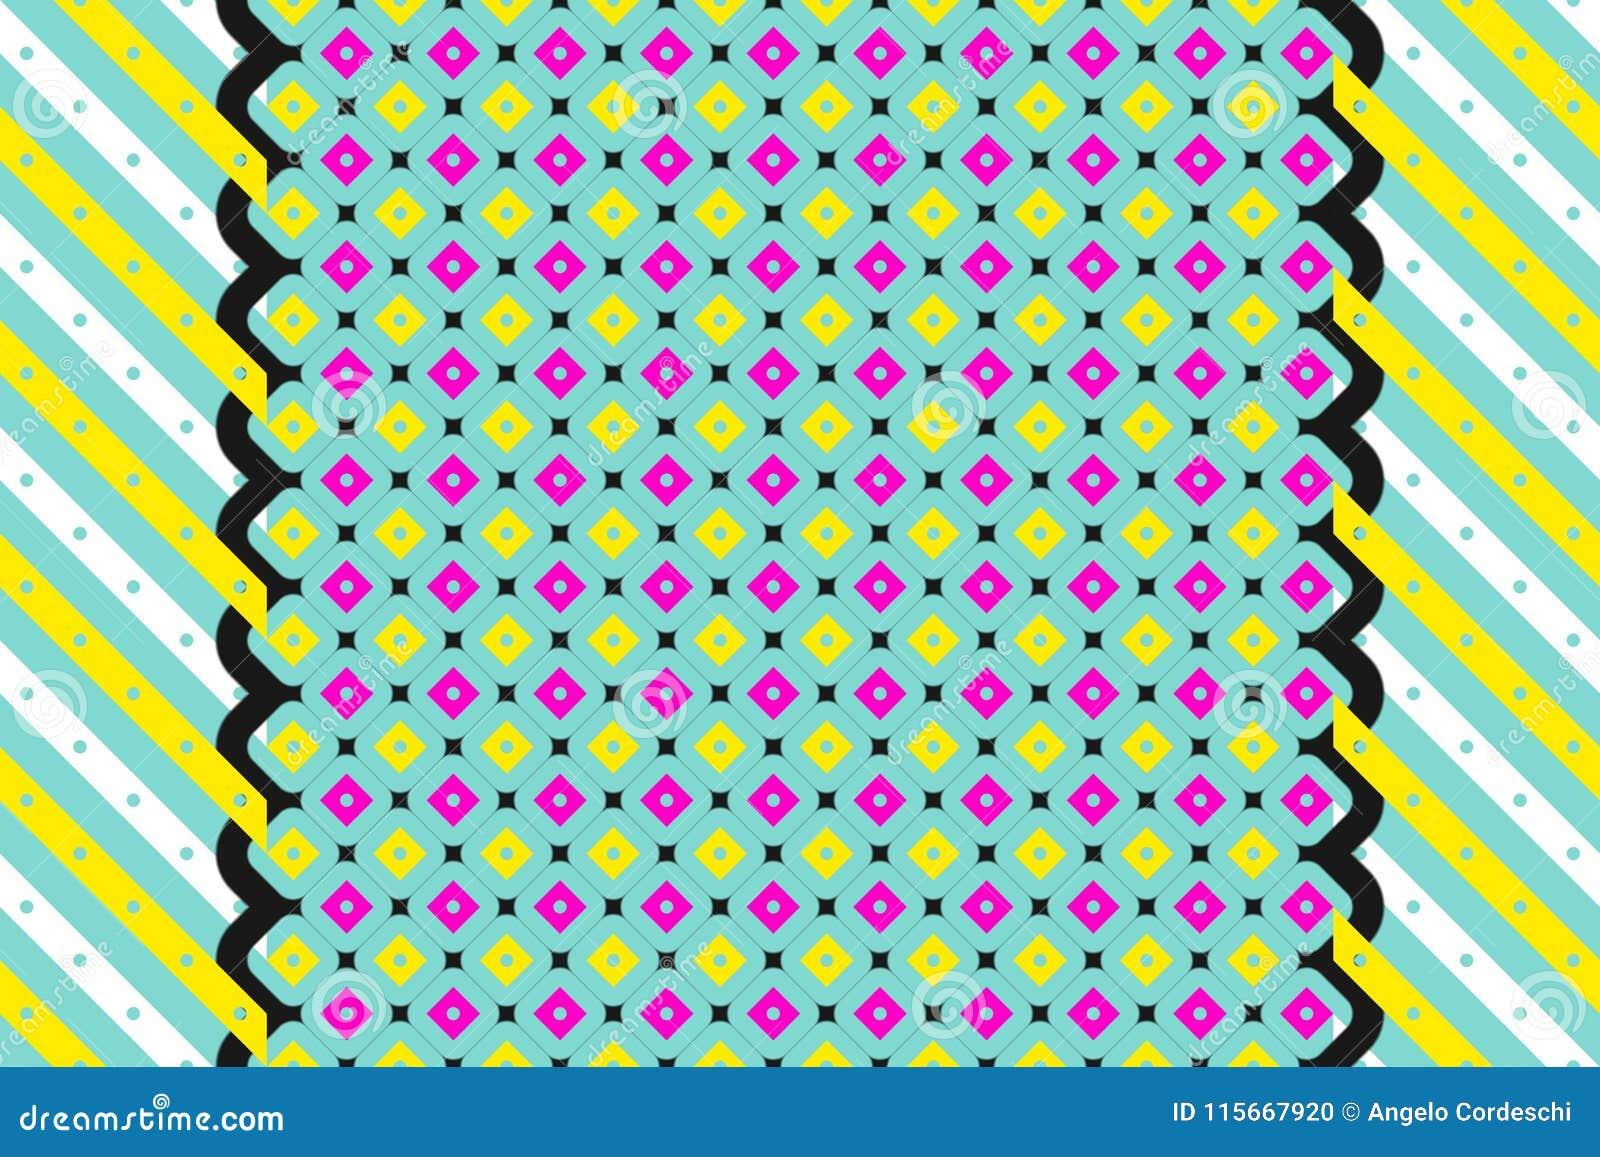 Rocznik abstrakcjonistyczna geometryczna deseniowa tapeta